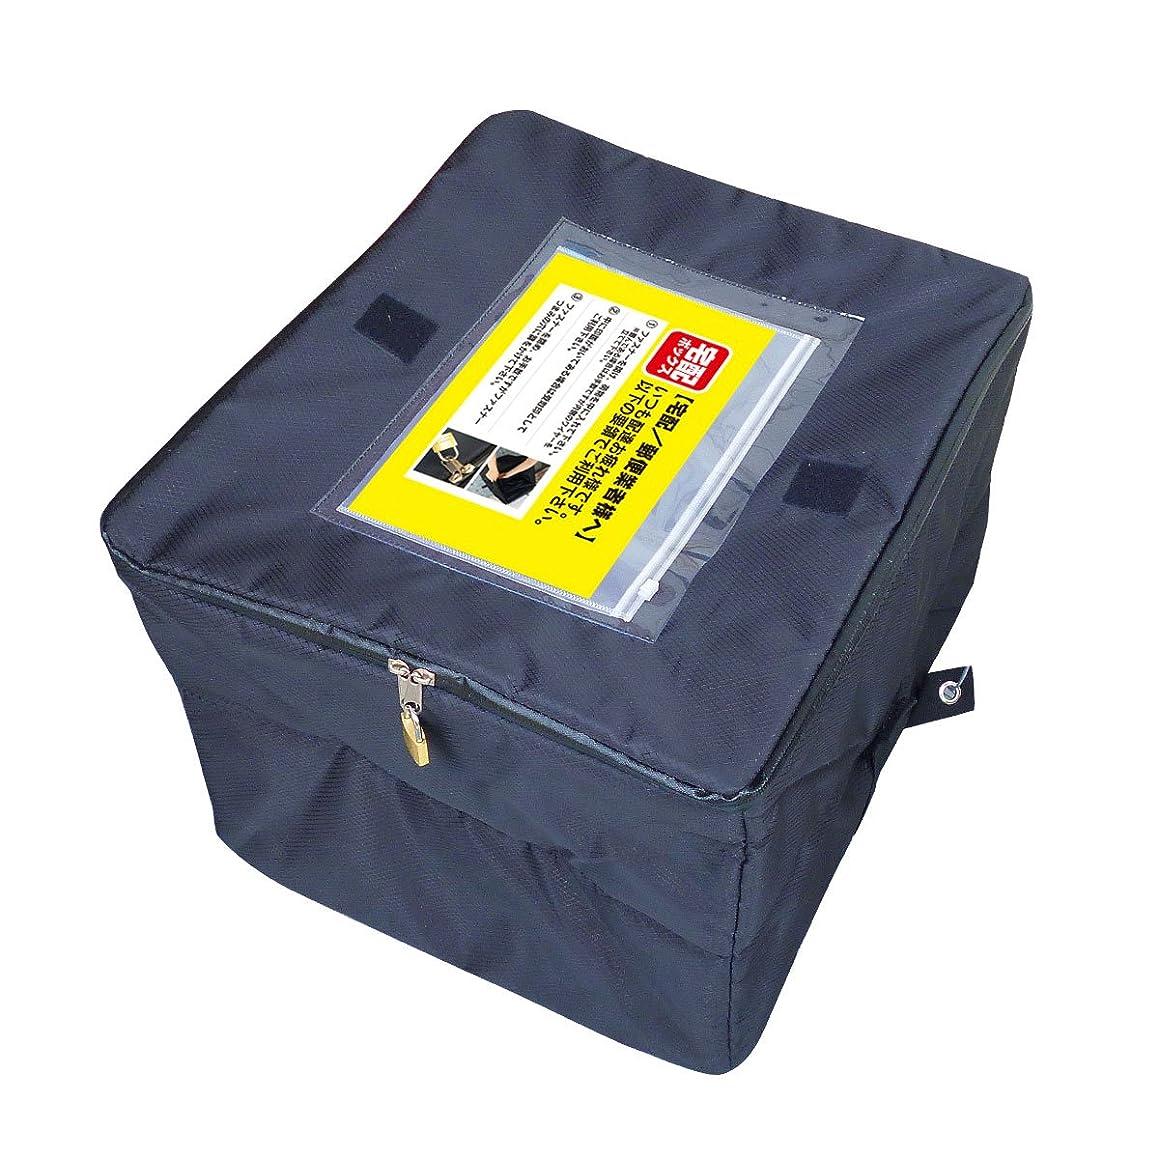 破壊的ファントム支援多機能 ソフト宅配ボックス 折りたたみ 大容量60L 旅行中などの外出時の荷物の受け取りに便利 盗難防止ワイヤー 鍵付き